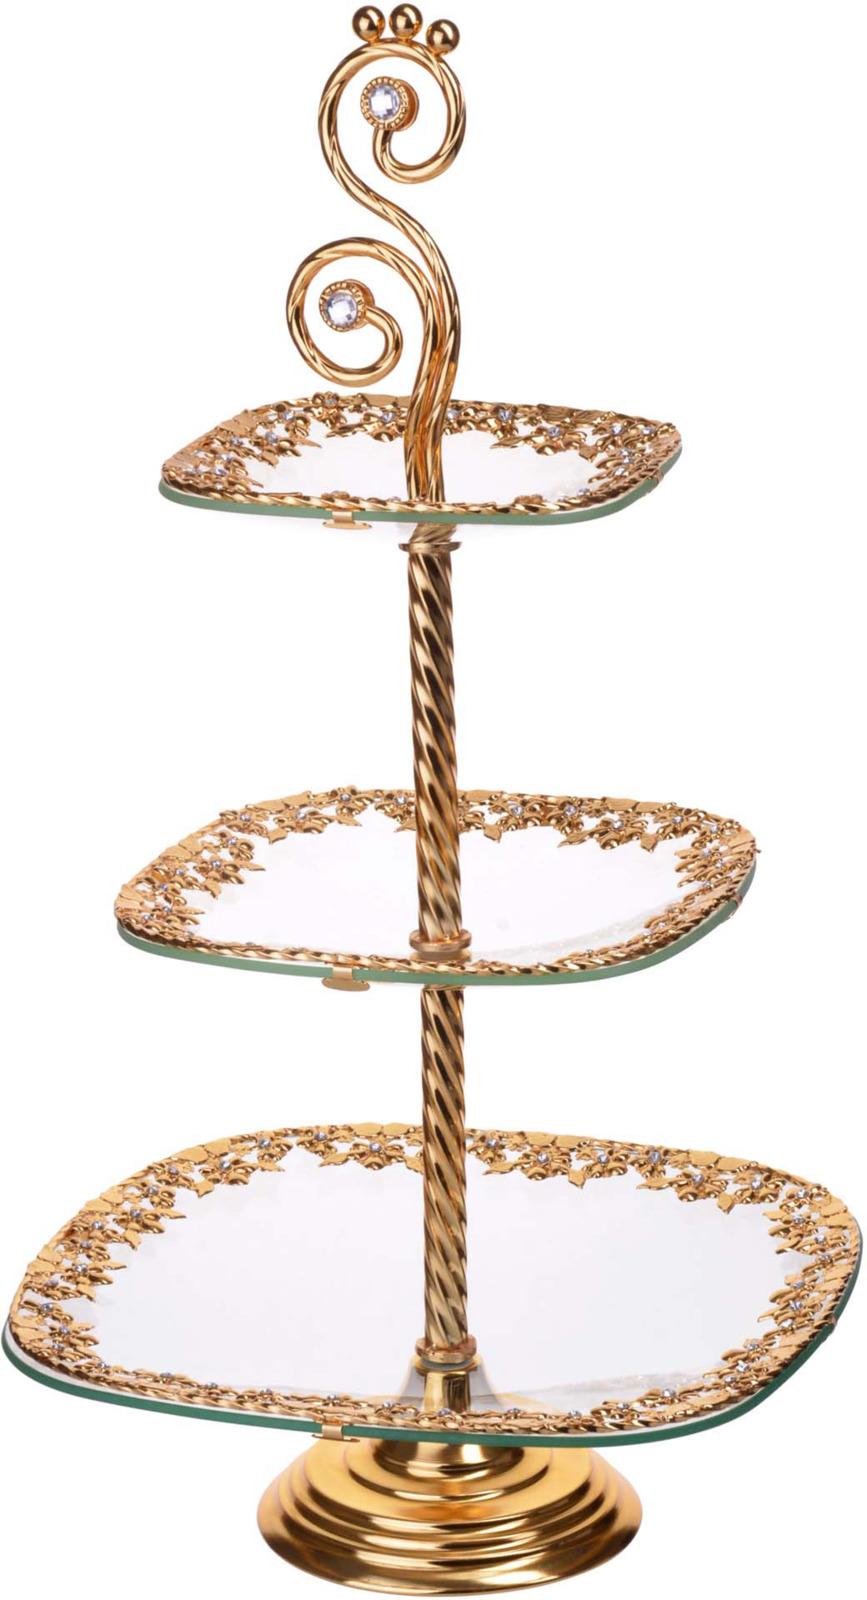 Конфетница Loraine, 3-ярусная, цвет: золотой, высота 55 см конфетница 3 ярусная loraine lr 27539